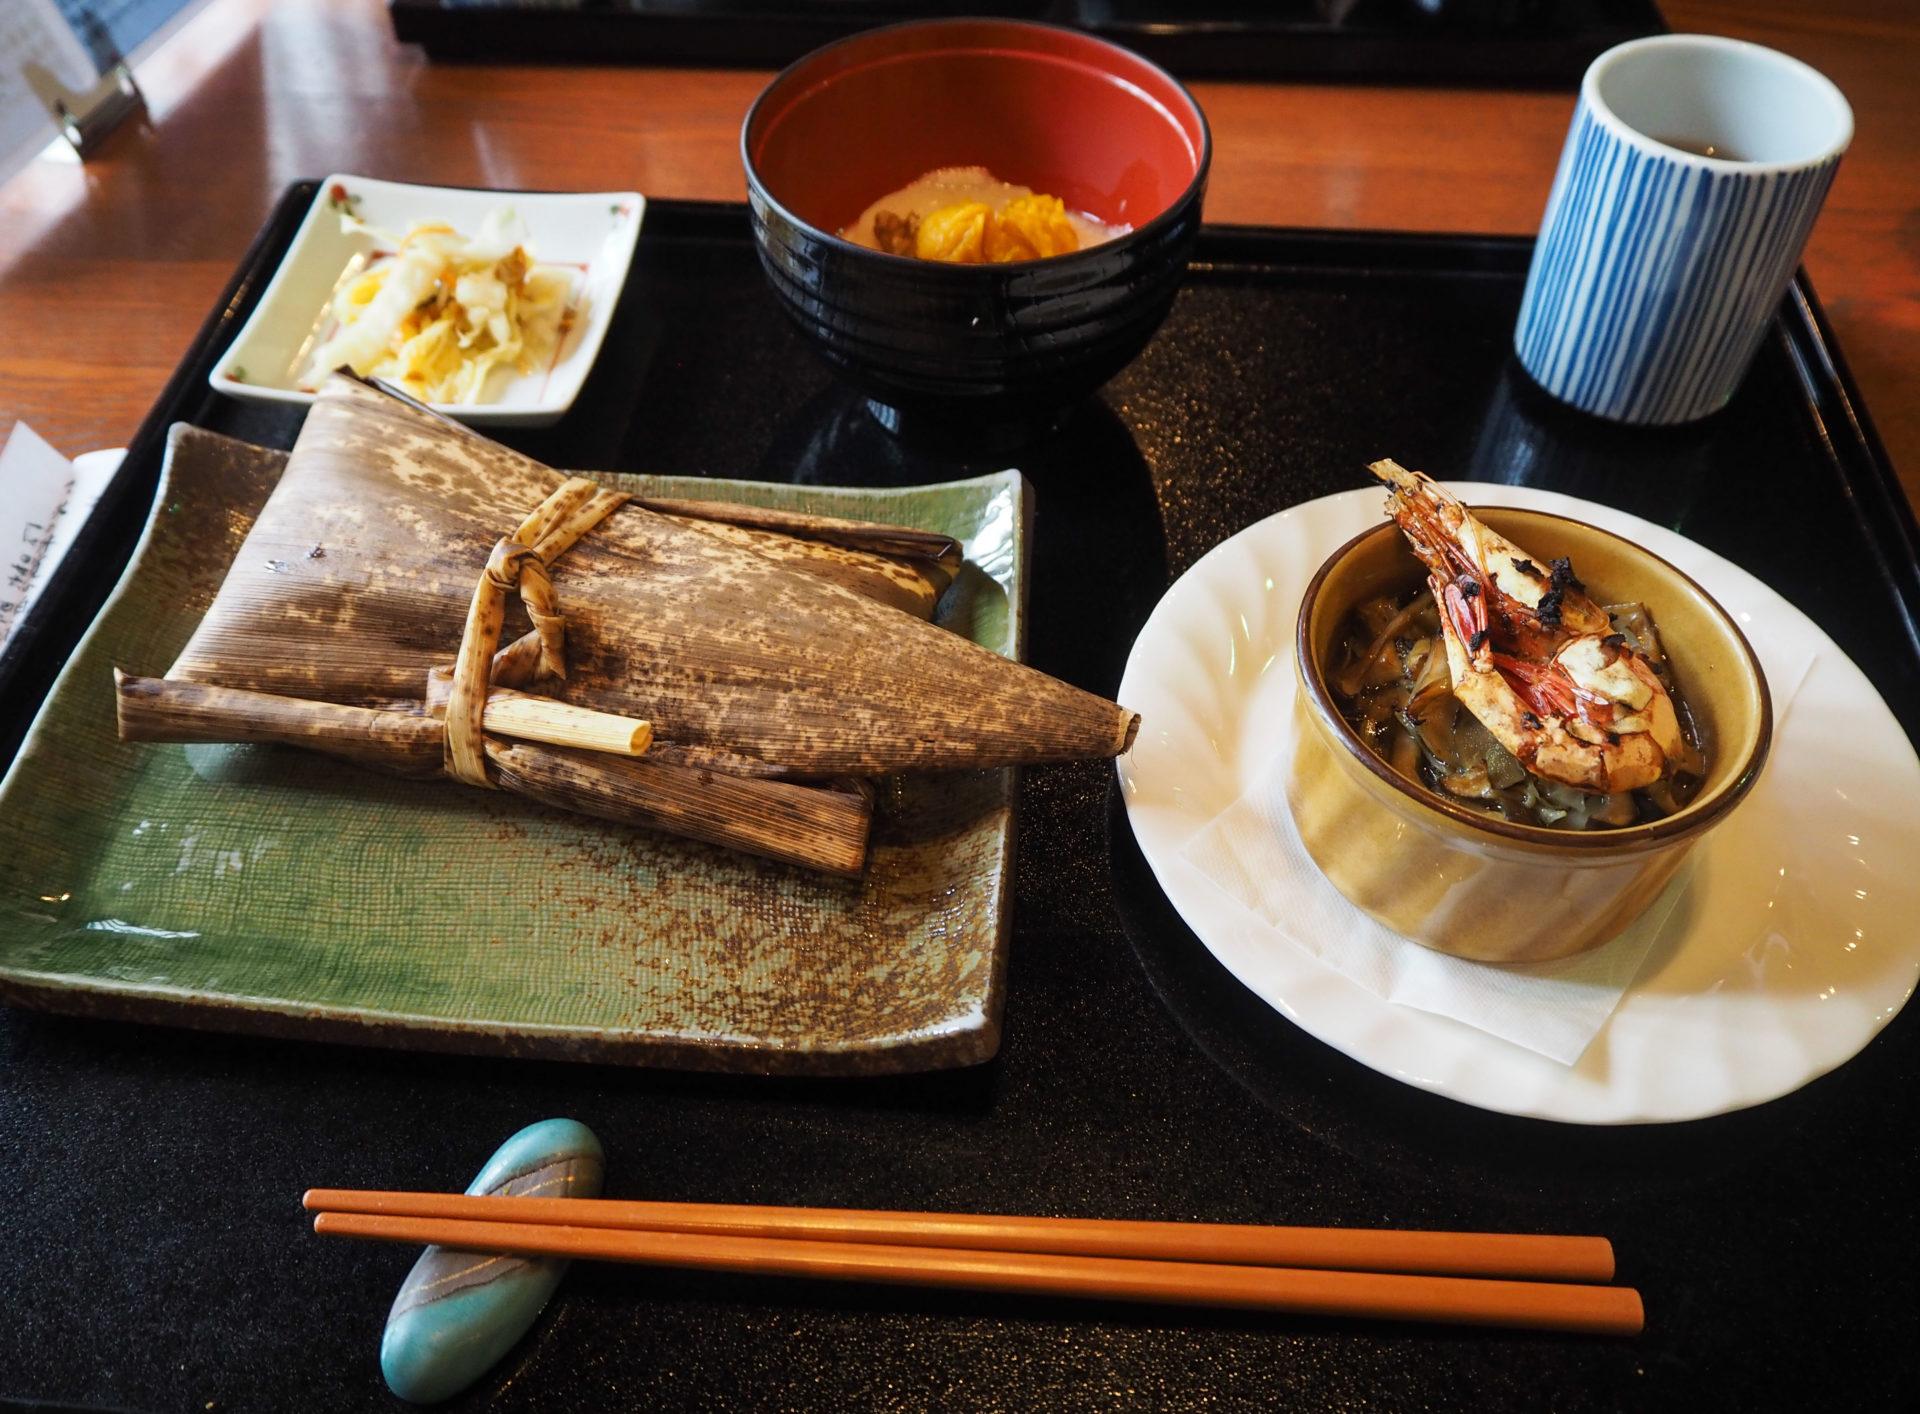 Repas Yakuto à Toyama - Préfecture de Toyama, porte d'entrée vers les Alpes Japonaises - Voyager au Japon hors des sentiers battus